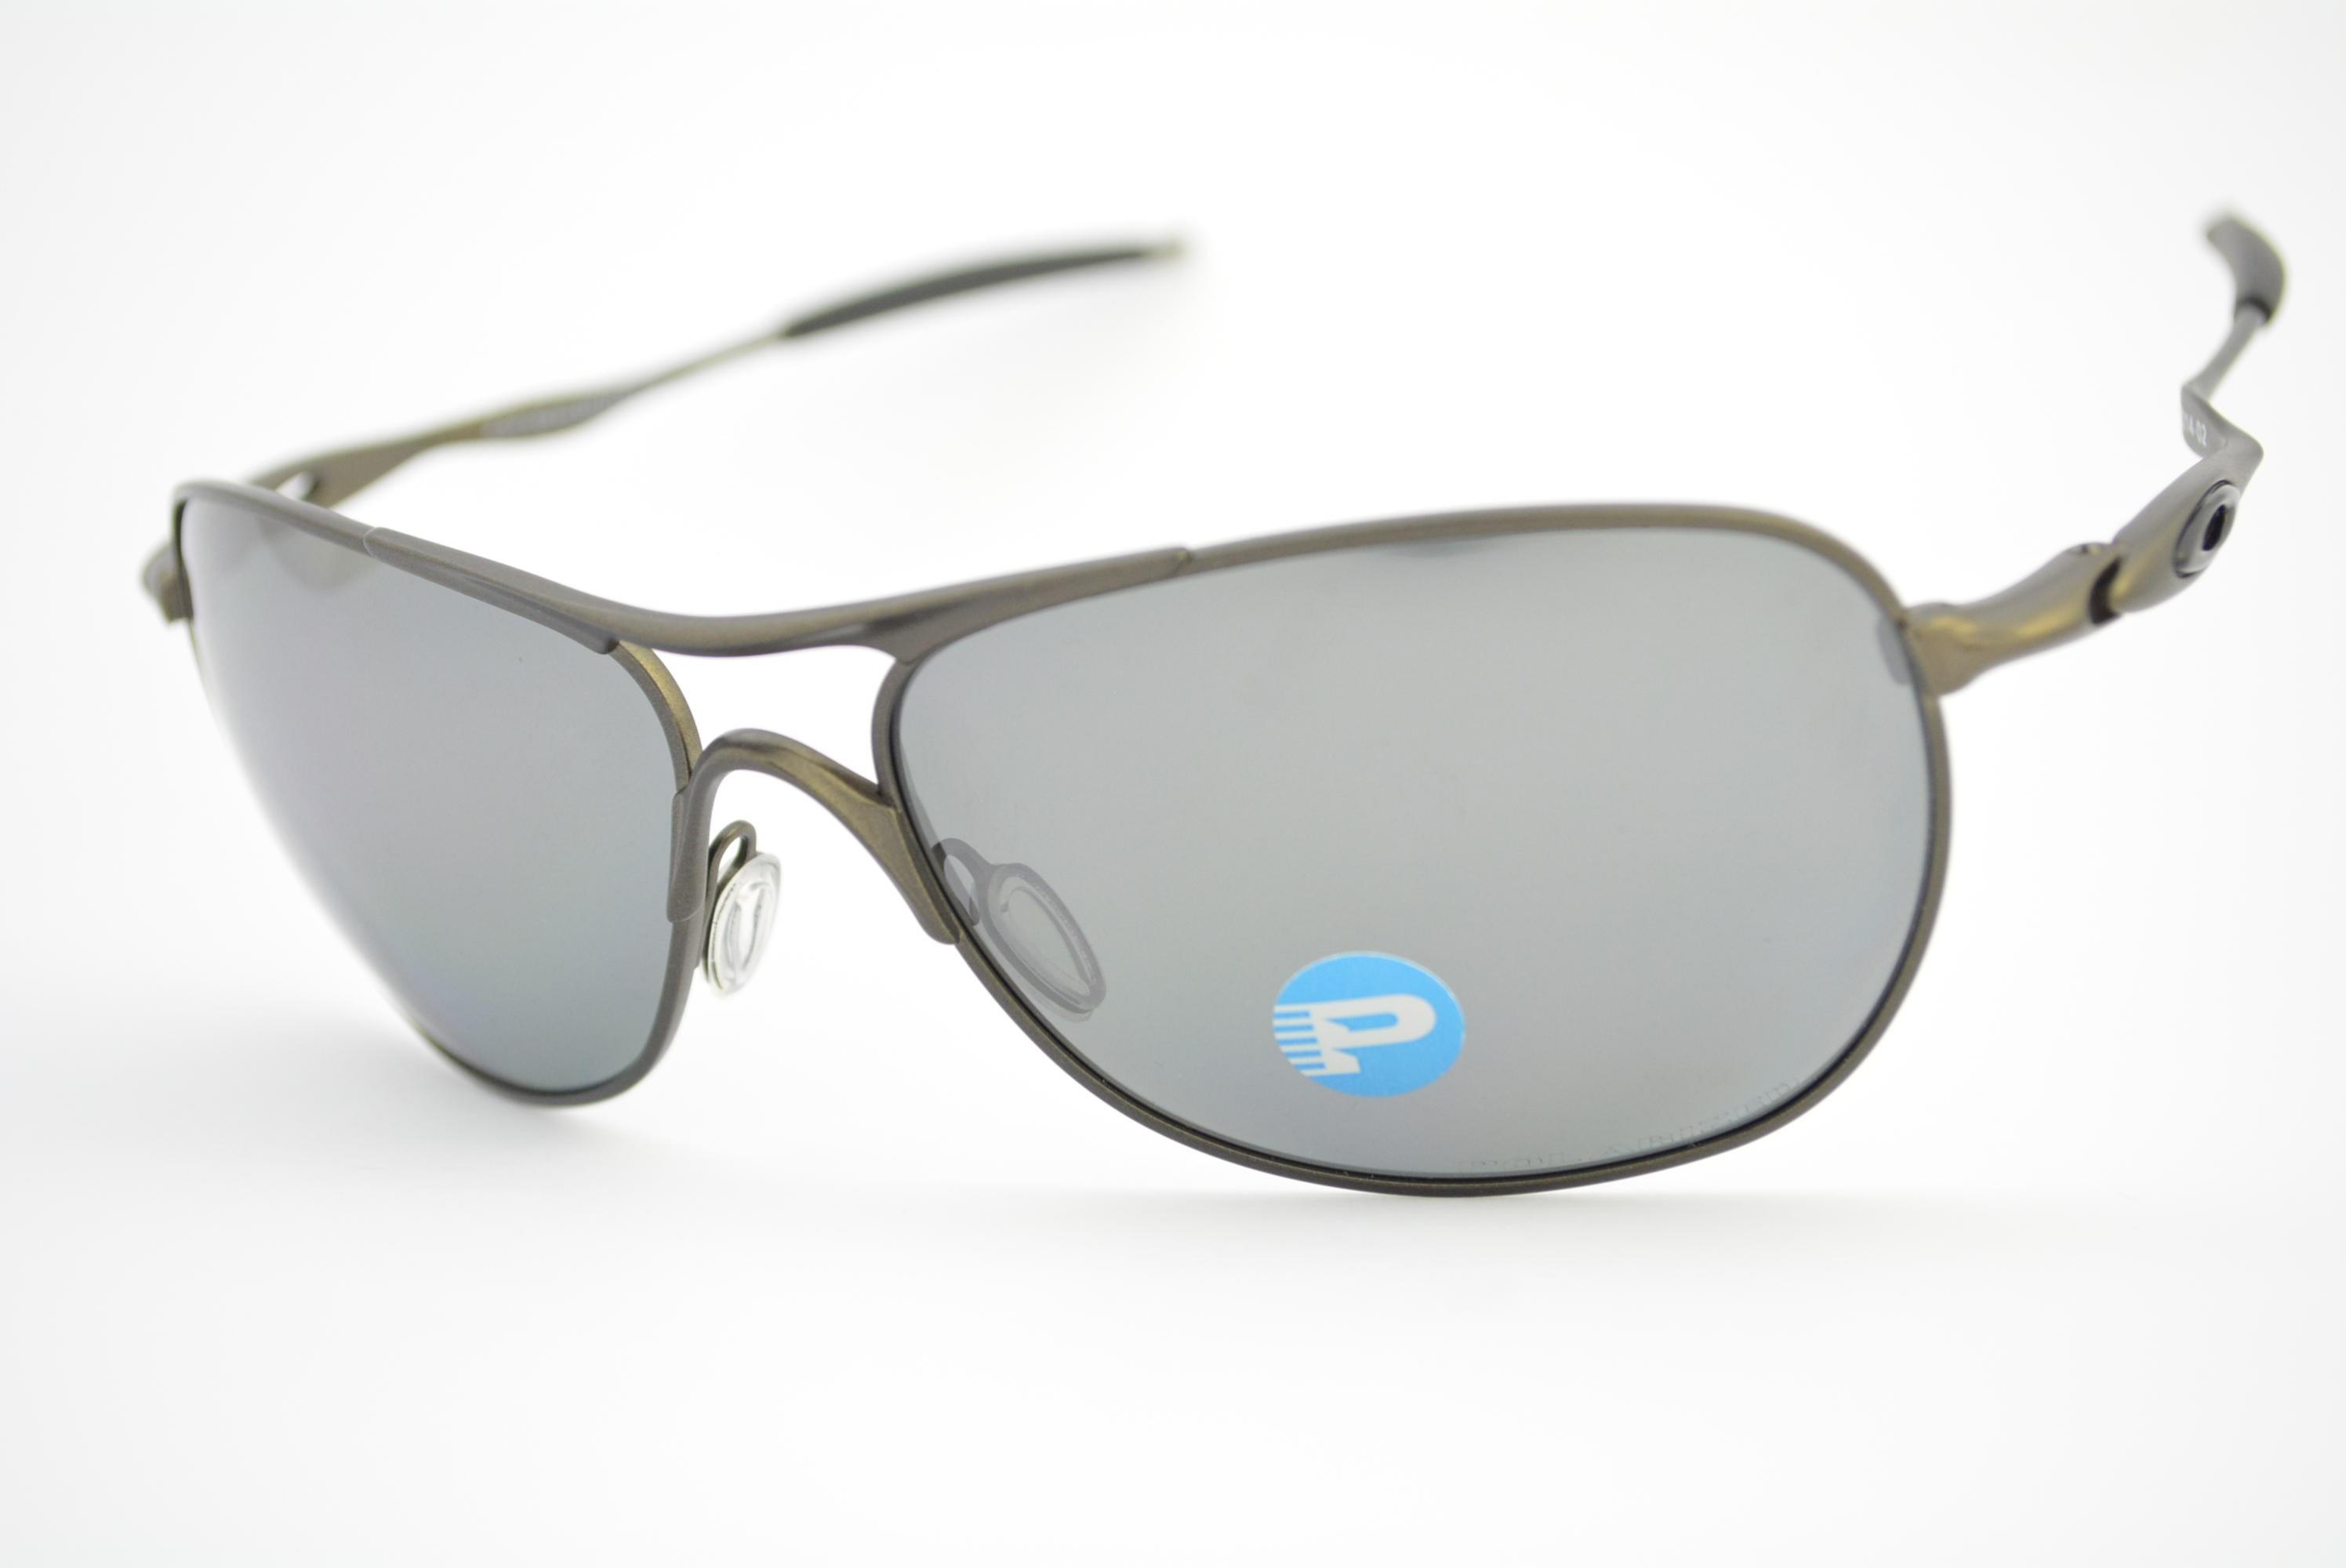 óculos de sol Oakley mod Crosshair pewter w black iridium polarized  006014-02 06b0808041